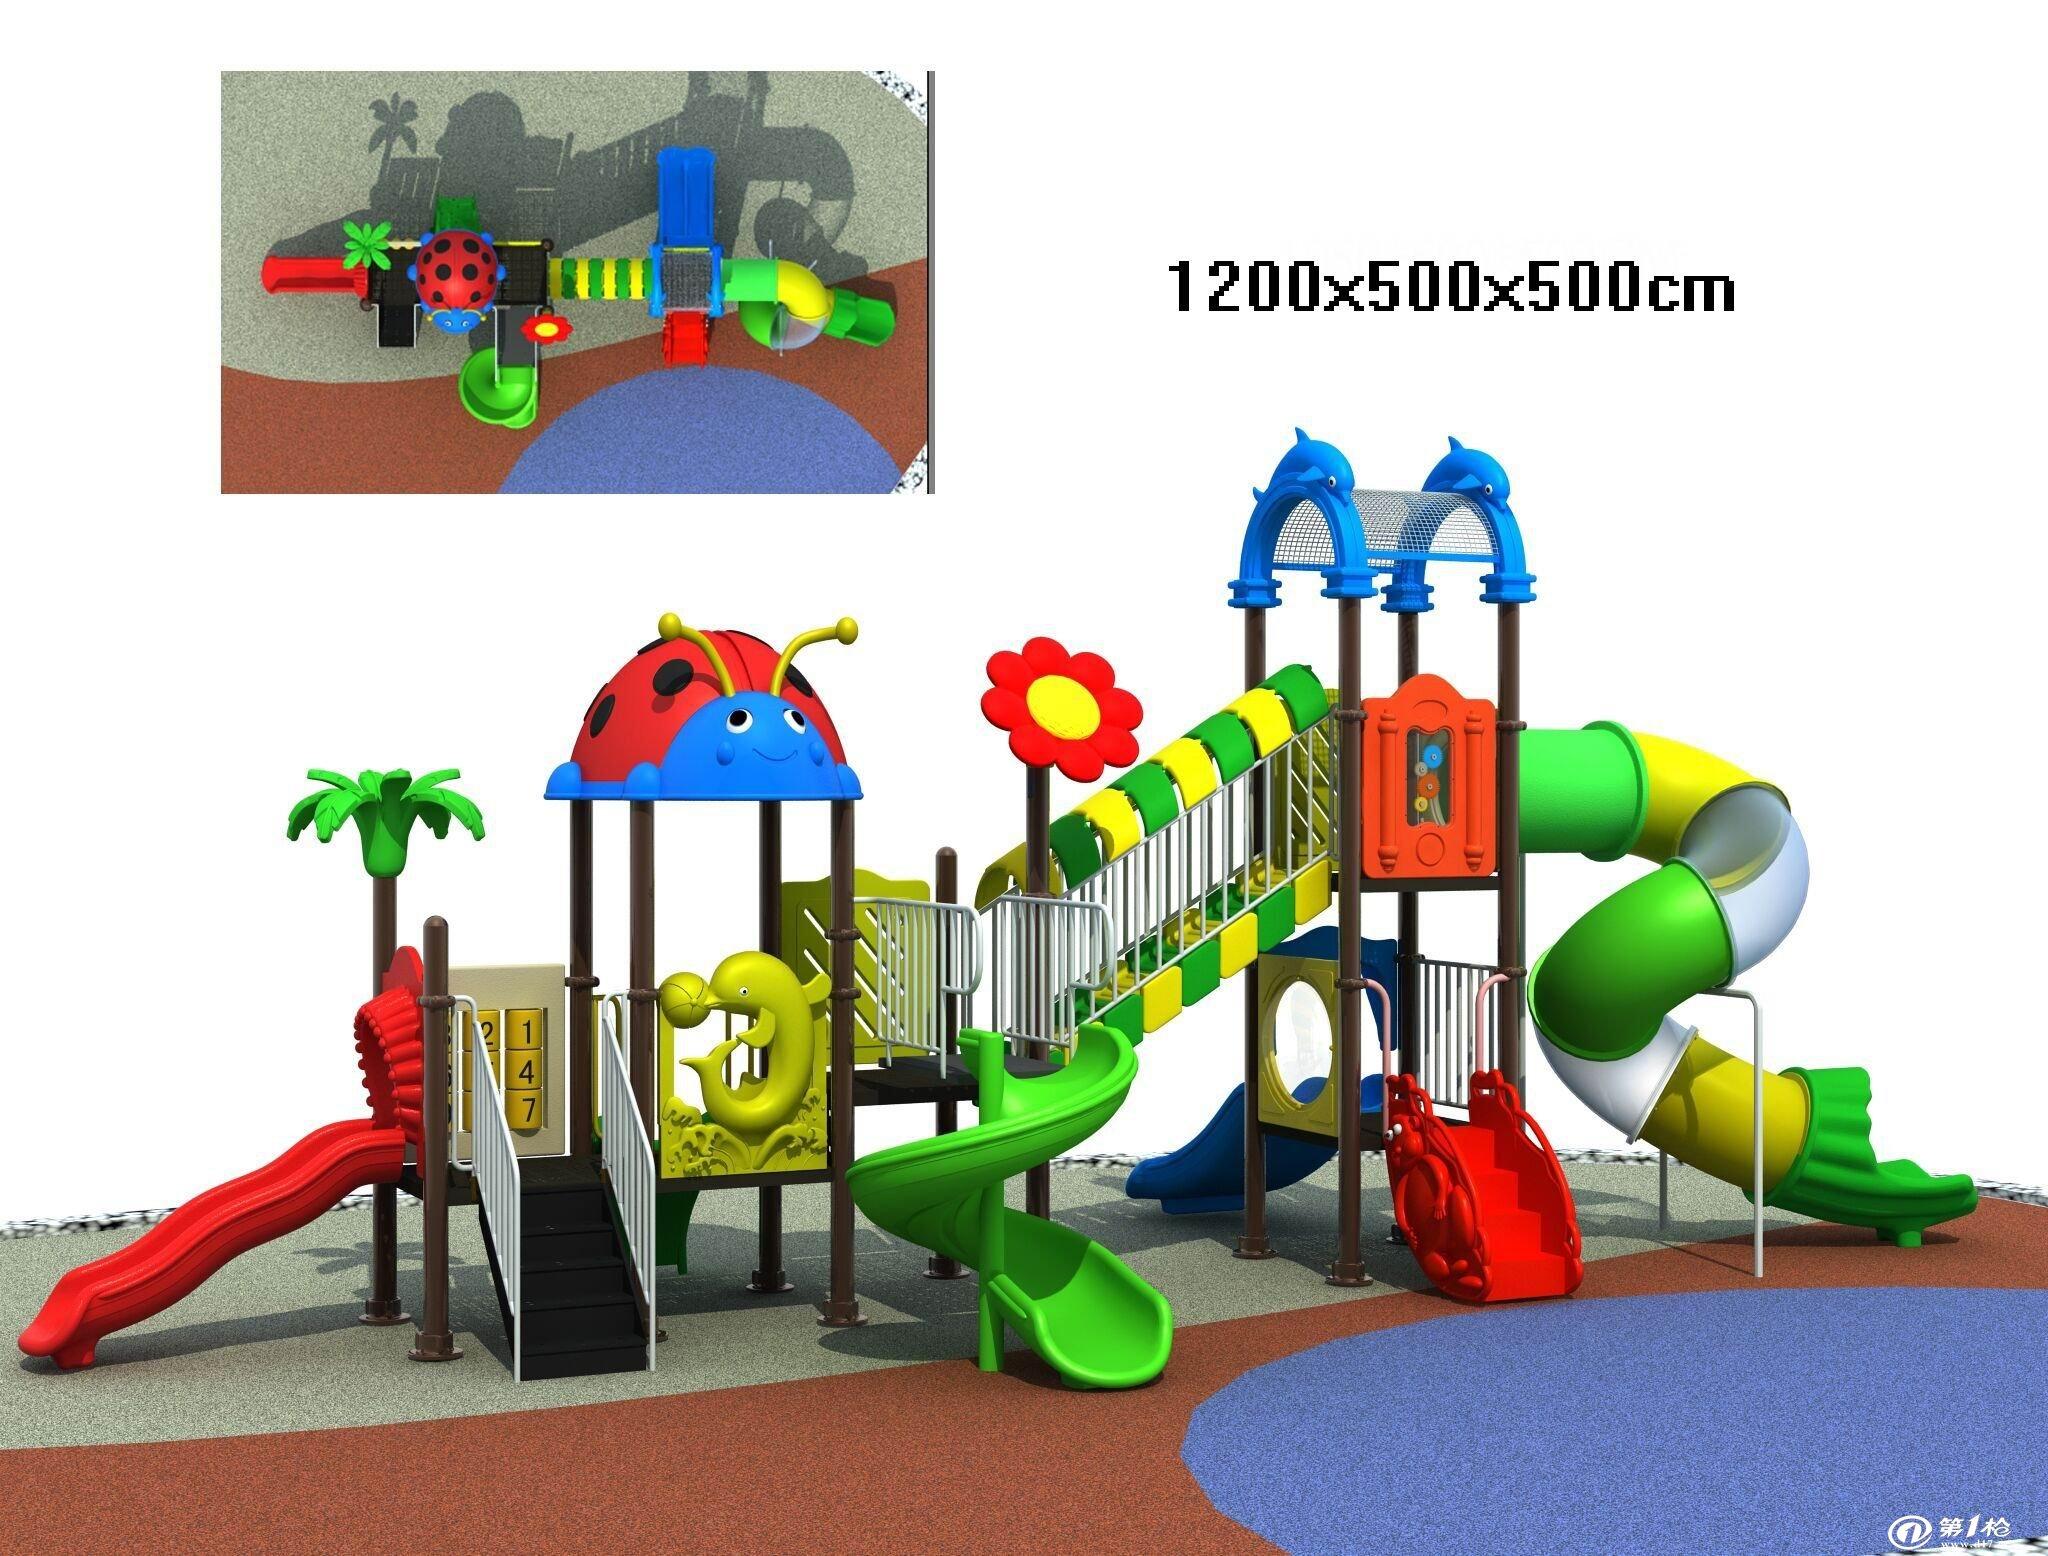 成都幼儿户外玩具 四川幼儿园梭梭板  组合滑梯(英文名:playground)